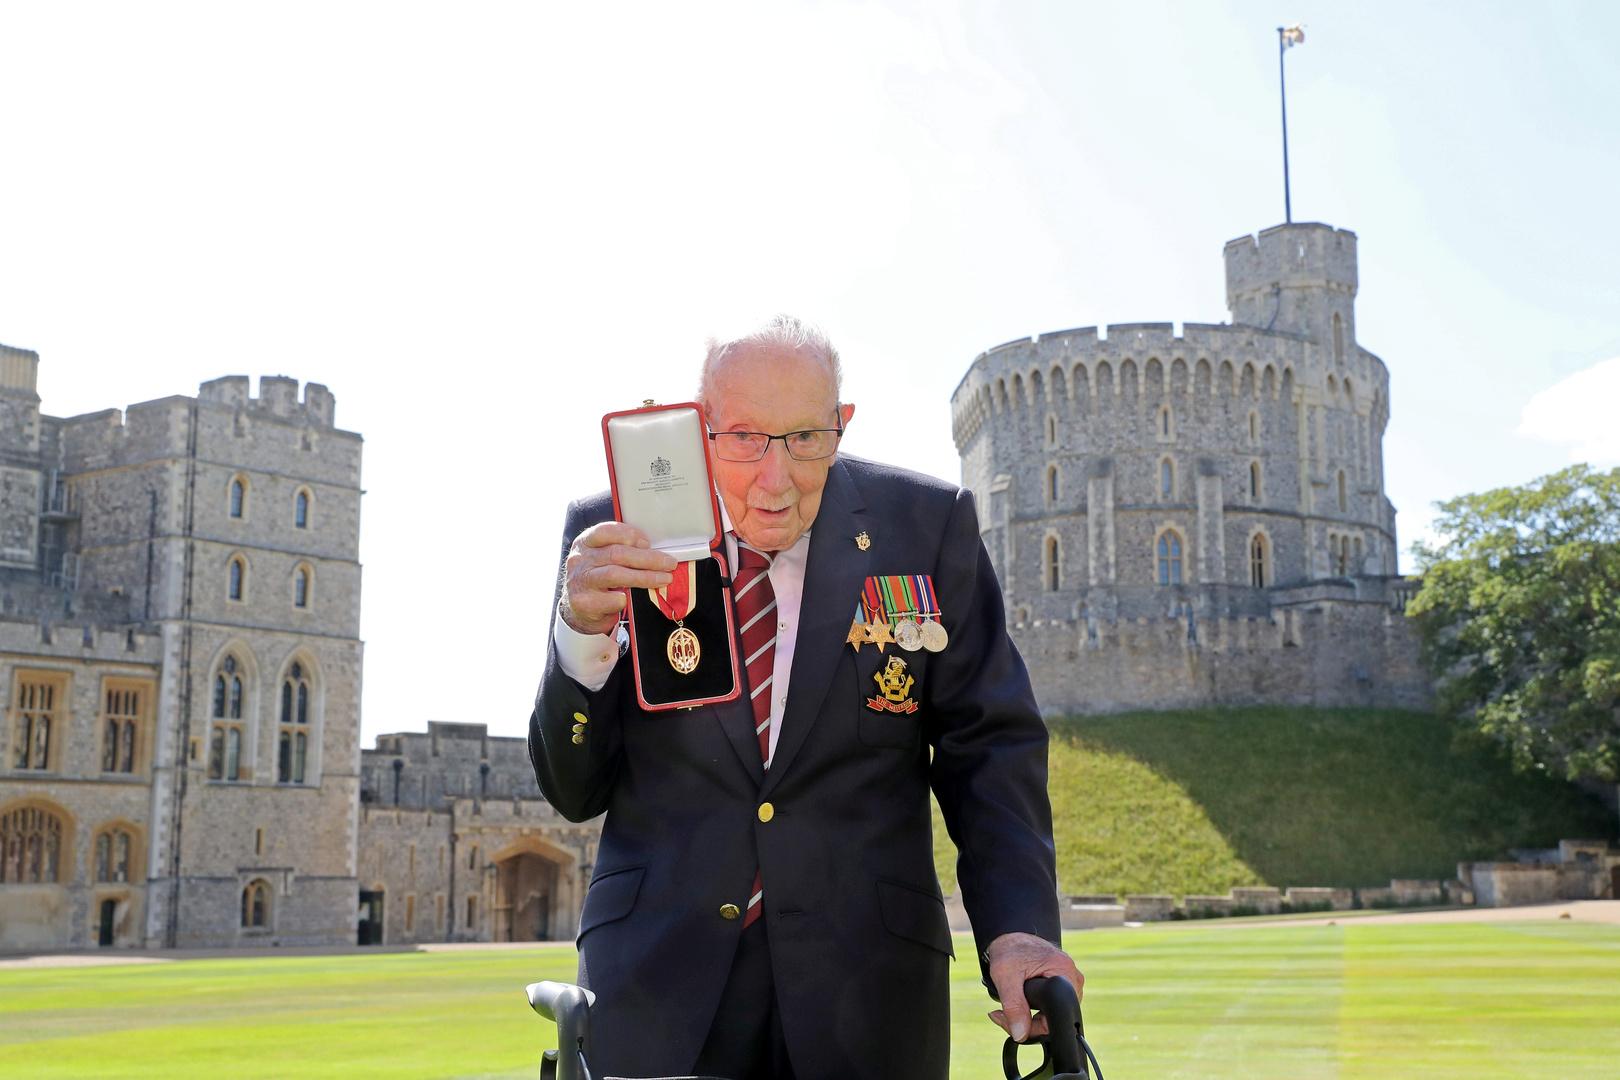 ملكة بريطانيا تمنح جامع تبرعات عمره 100 عام لقب السير (فيديو)